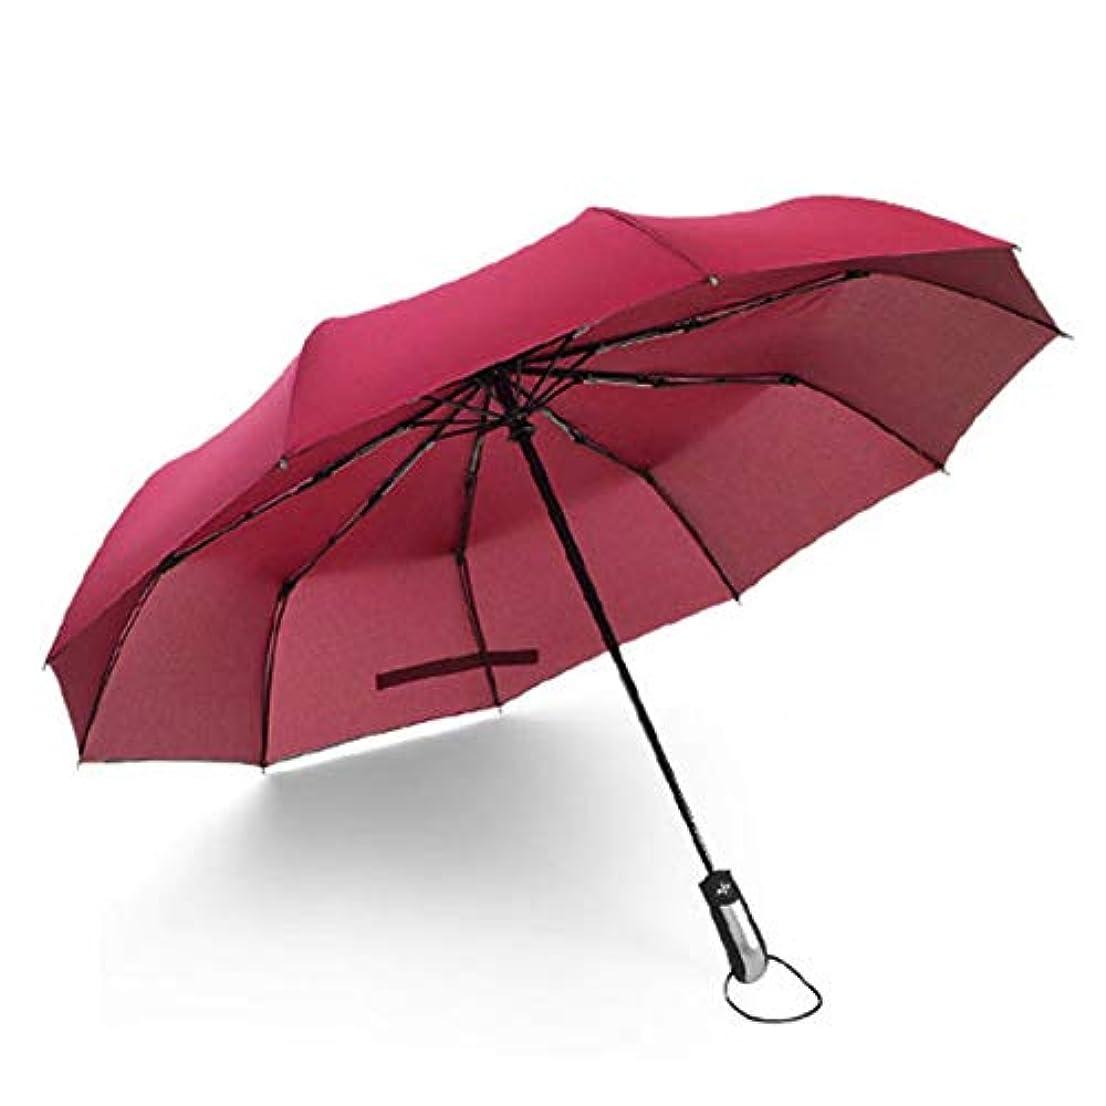 Saikogoods 全自動日 - 雨の傘 トリプルフォールディング 男性女性 強化のために10-リブ ビジネス傘 ワインレッド